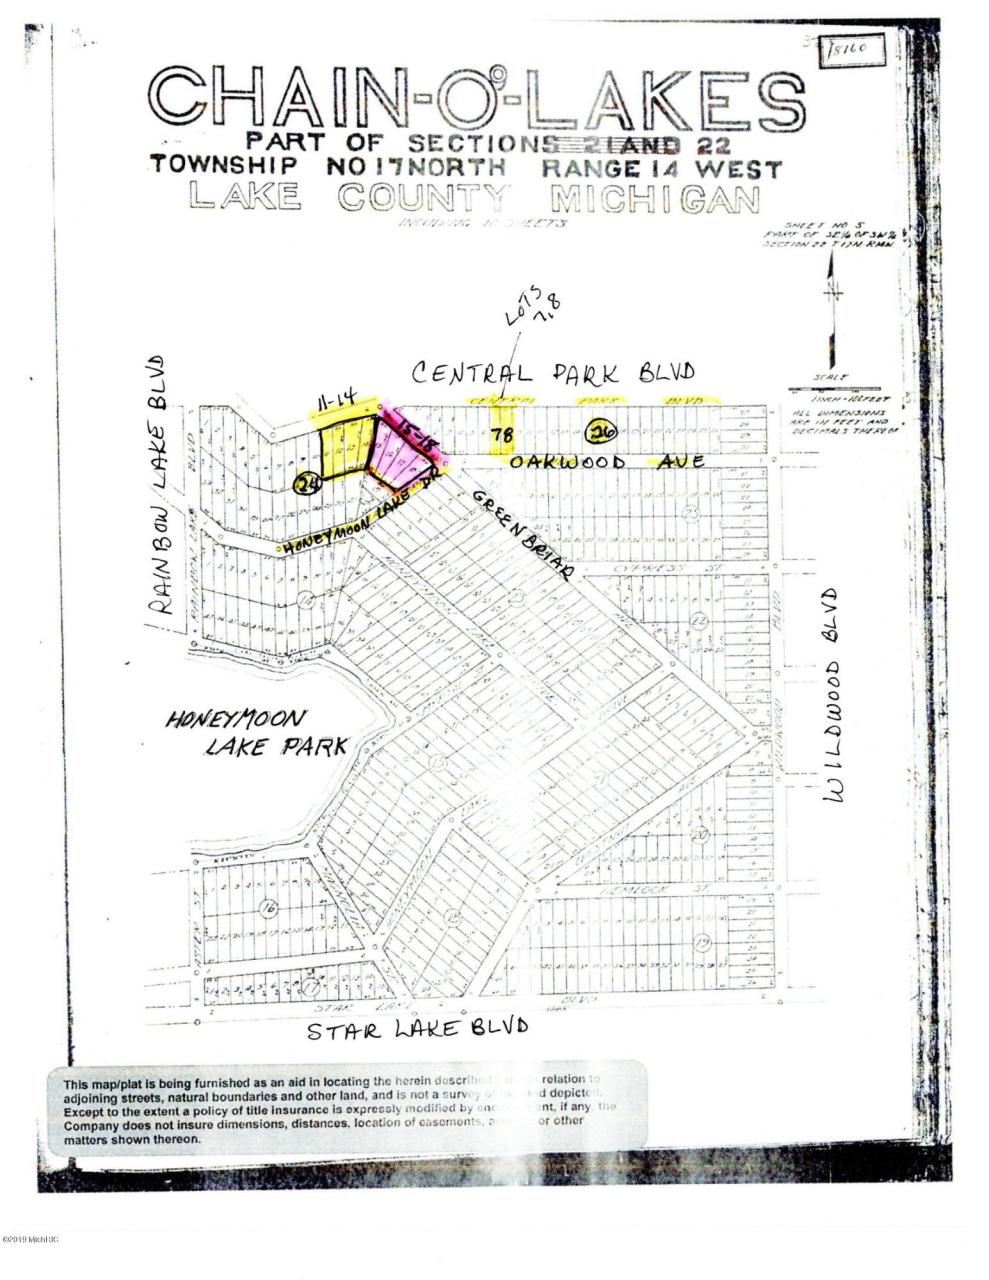 15 W Central Park Boulevard Baldwin, MI 49304